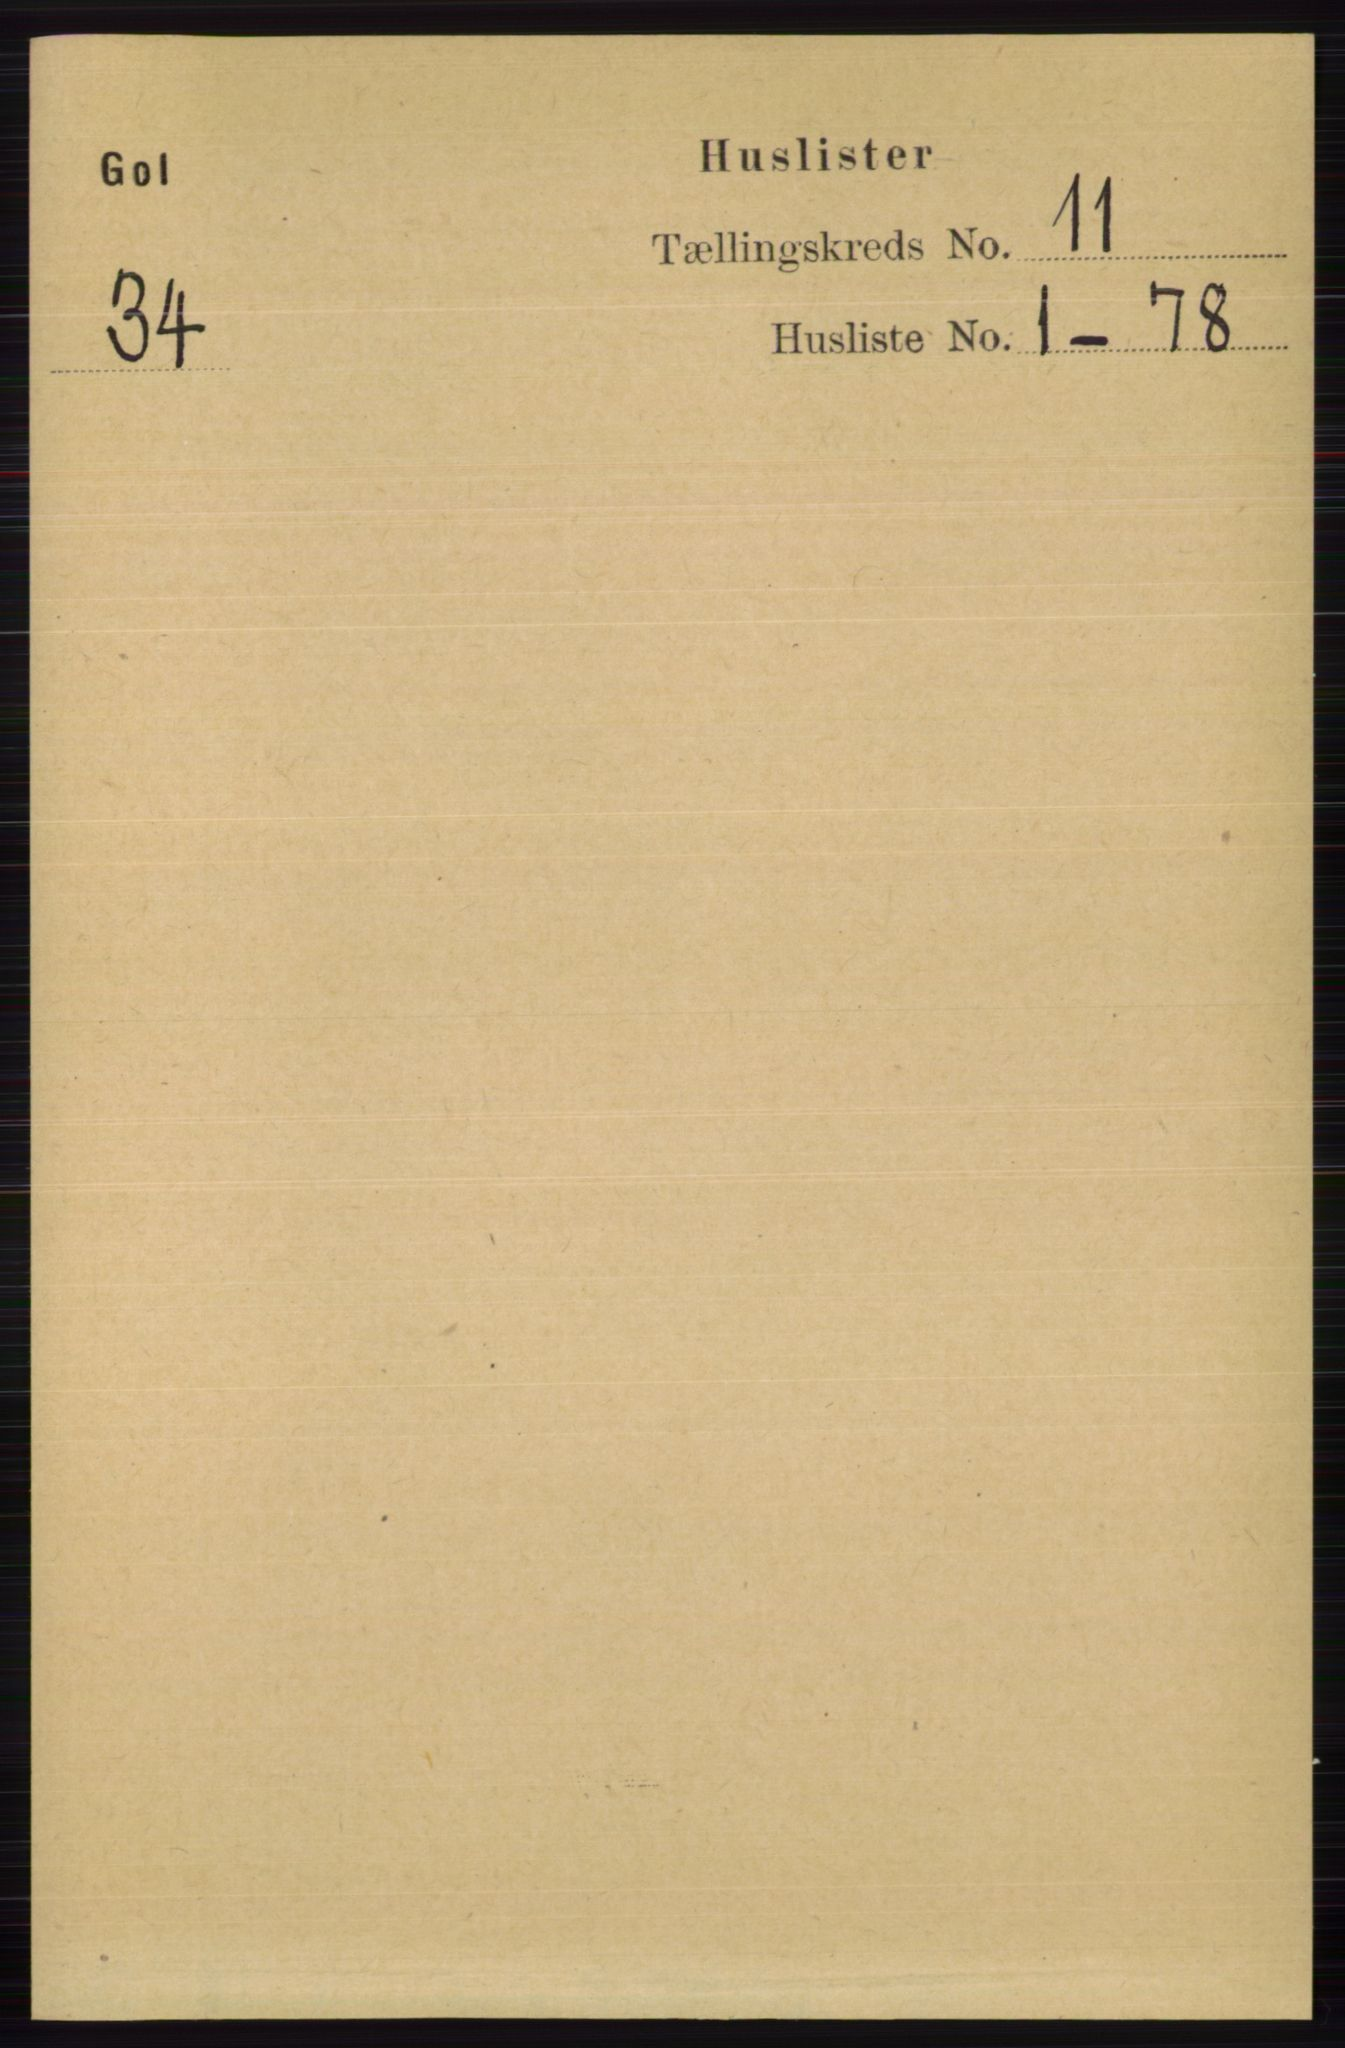 RA, Folketelling 1891 for 0617 Gol og Hemsedal herred, 1891, s. 4281